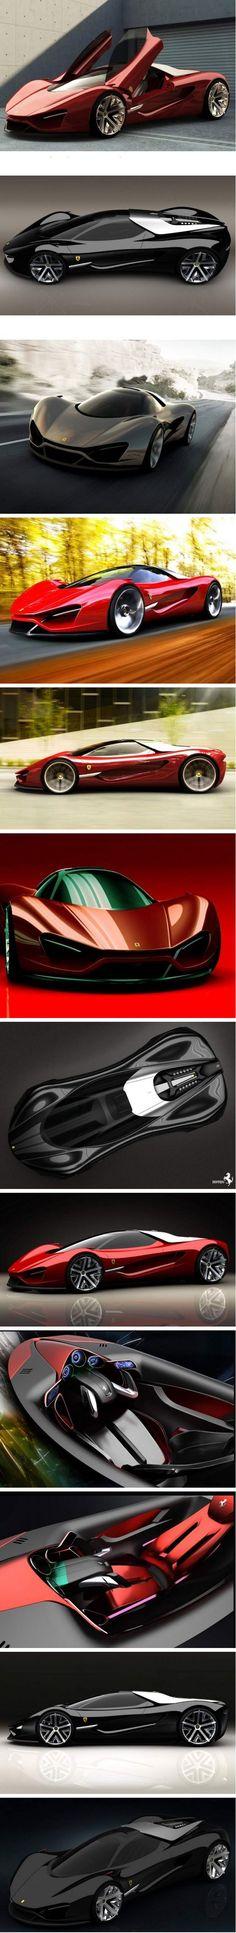 Ferrari Xezri concept ...repinned für Gewinner!  - jetzt gratis Erfolgsratgeber sichern www.ratsucher.de